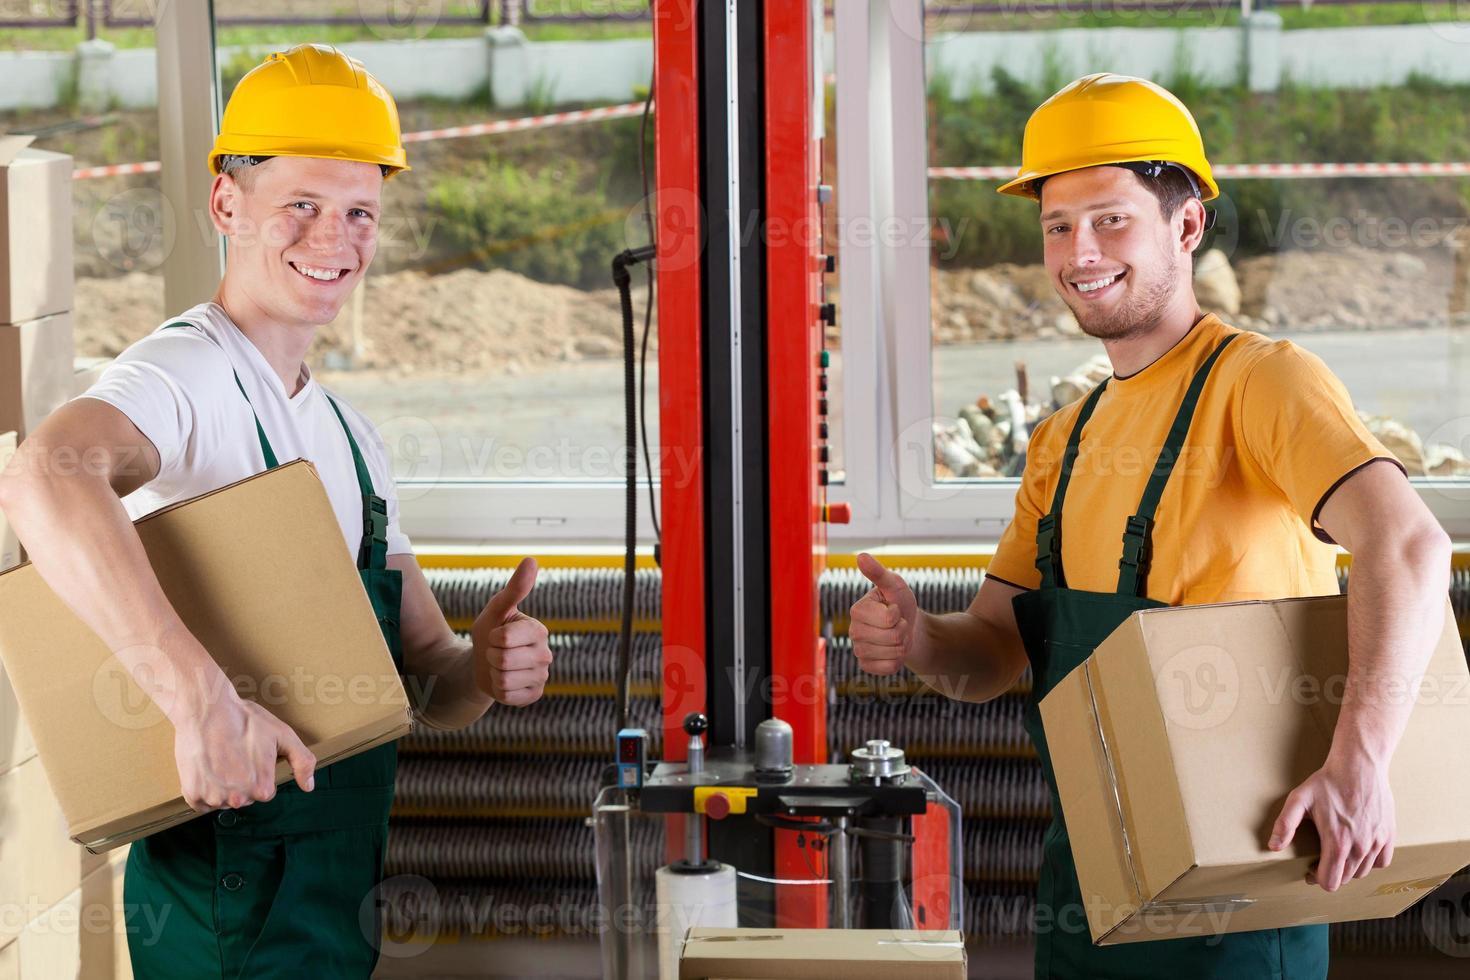 fabrieksarbeiders duimen omhoog teken tonen foto